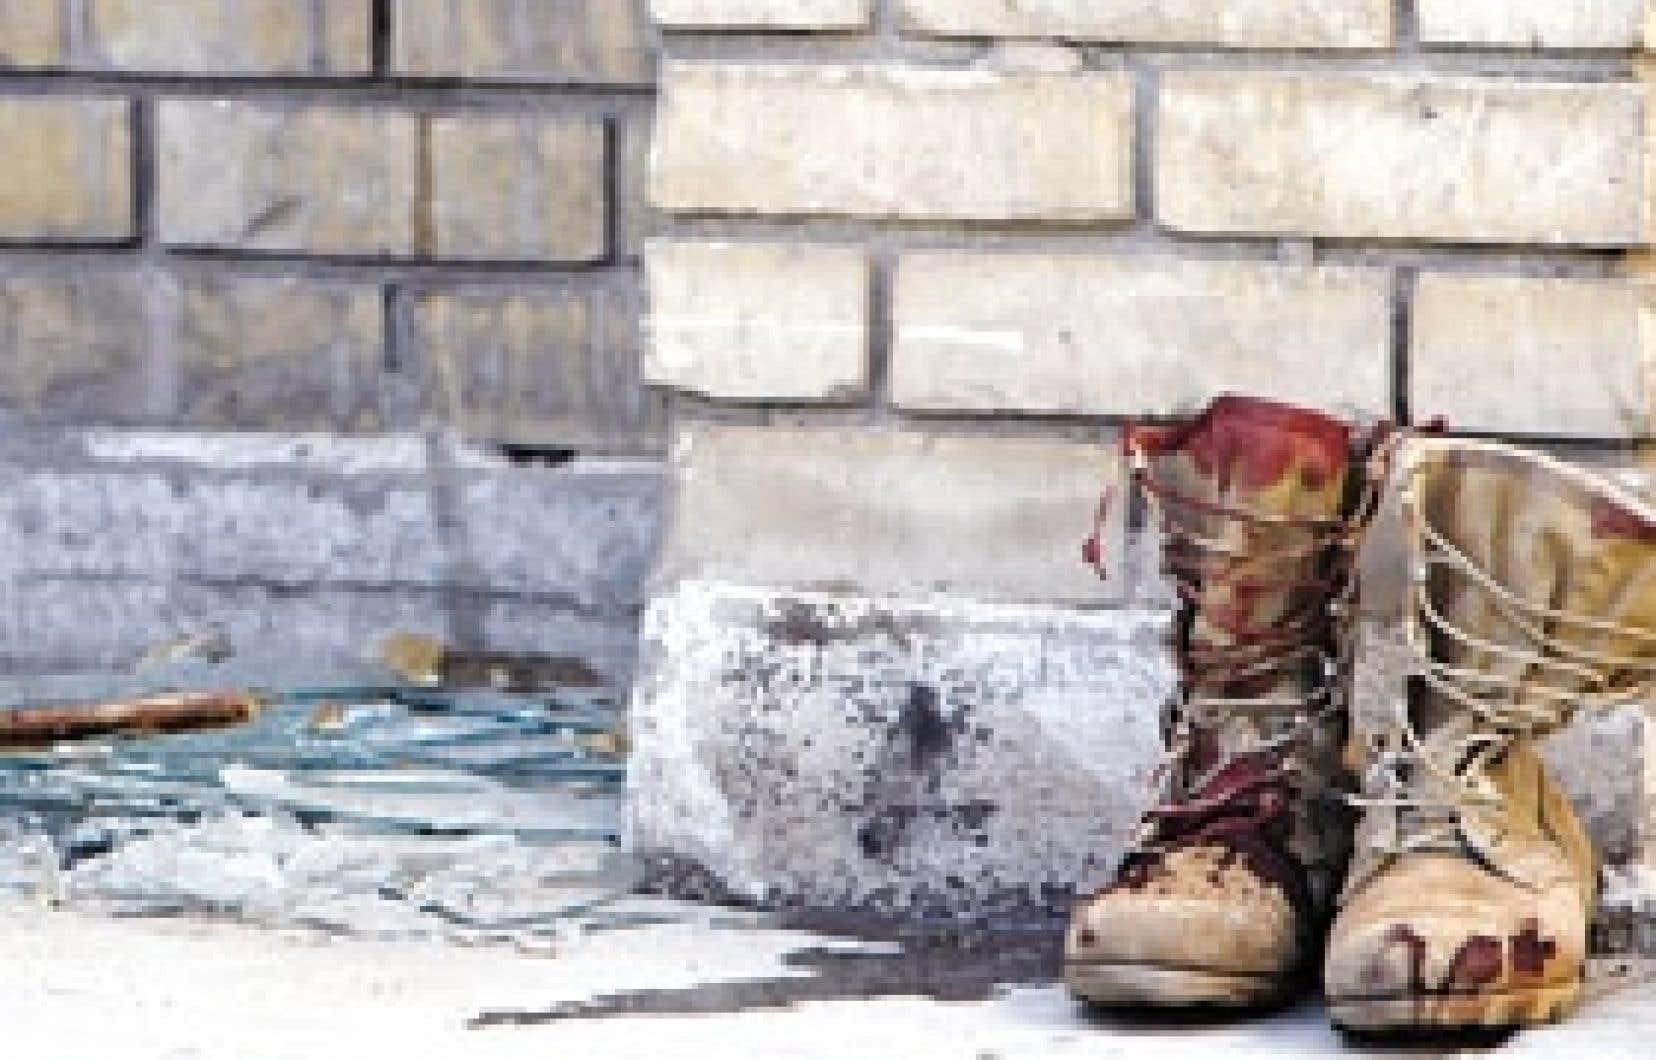 Laissées à l'entrée d'un hôpital de Bagdad, les bottes d'un soldat irakien tué hier portaient les traces de la violence de l'attentat suicide qui a carrément coupé en deux le pont al-Sarafiya reliant l'est et l'ouest de la capitale de